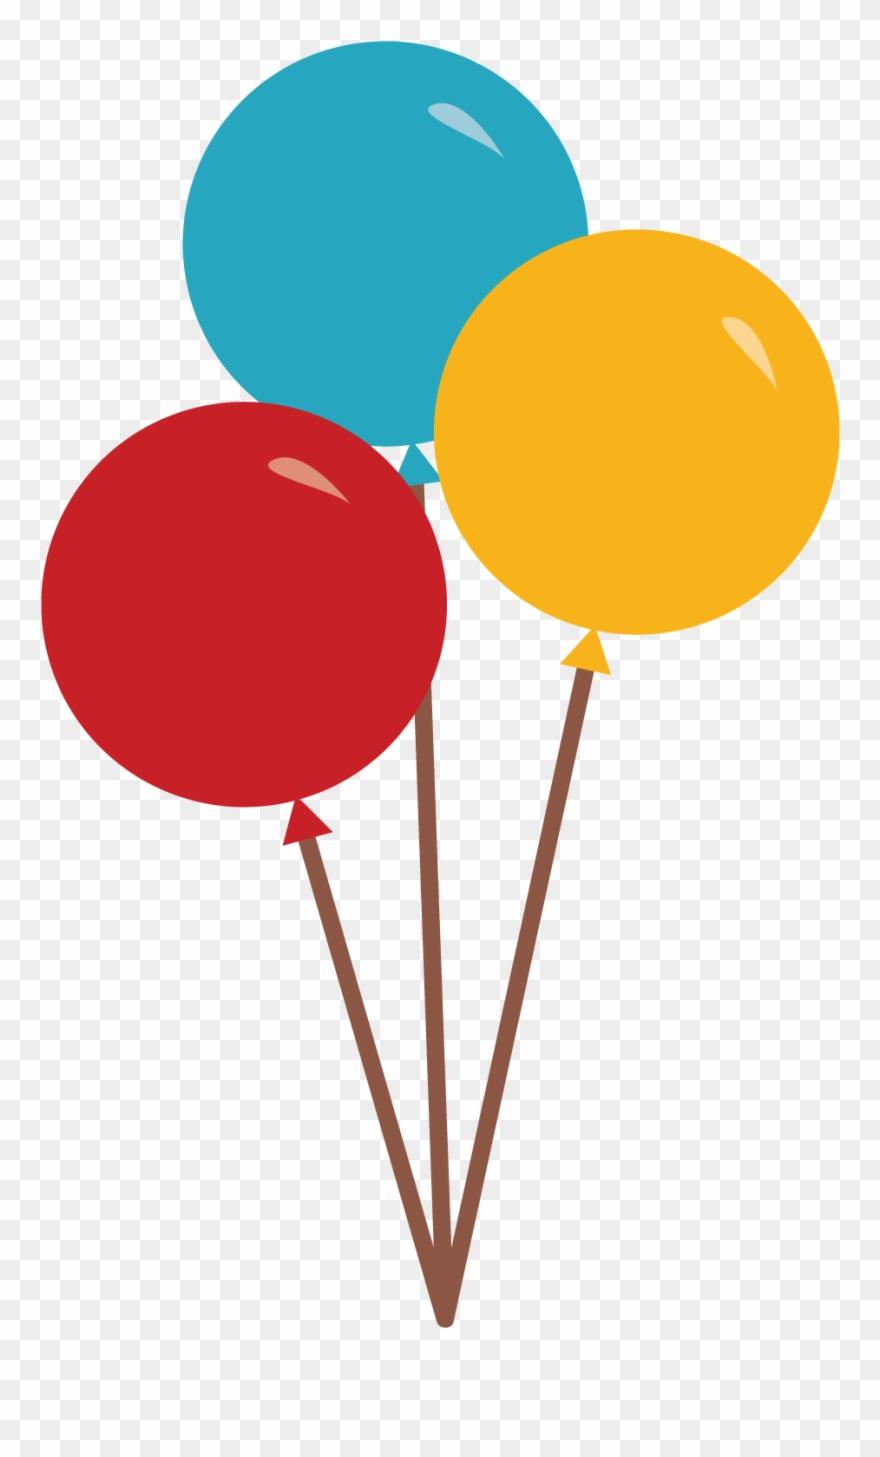 Circo Apresentador Circo Bolas 3 Baloes De Circo Desenho Clipart